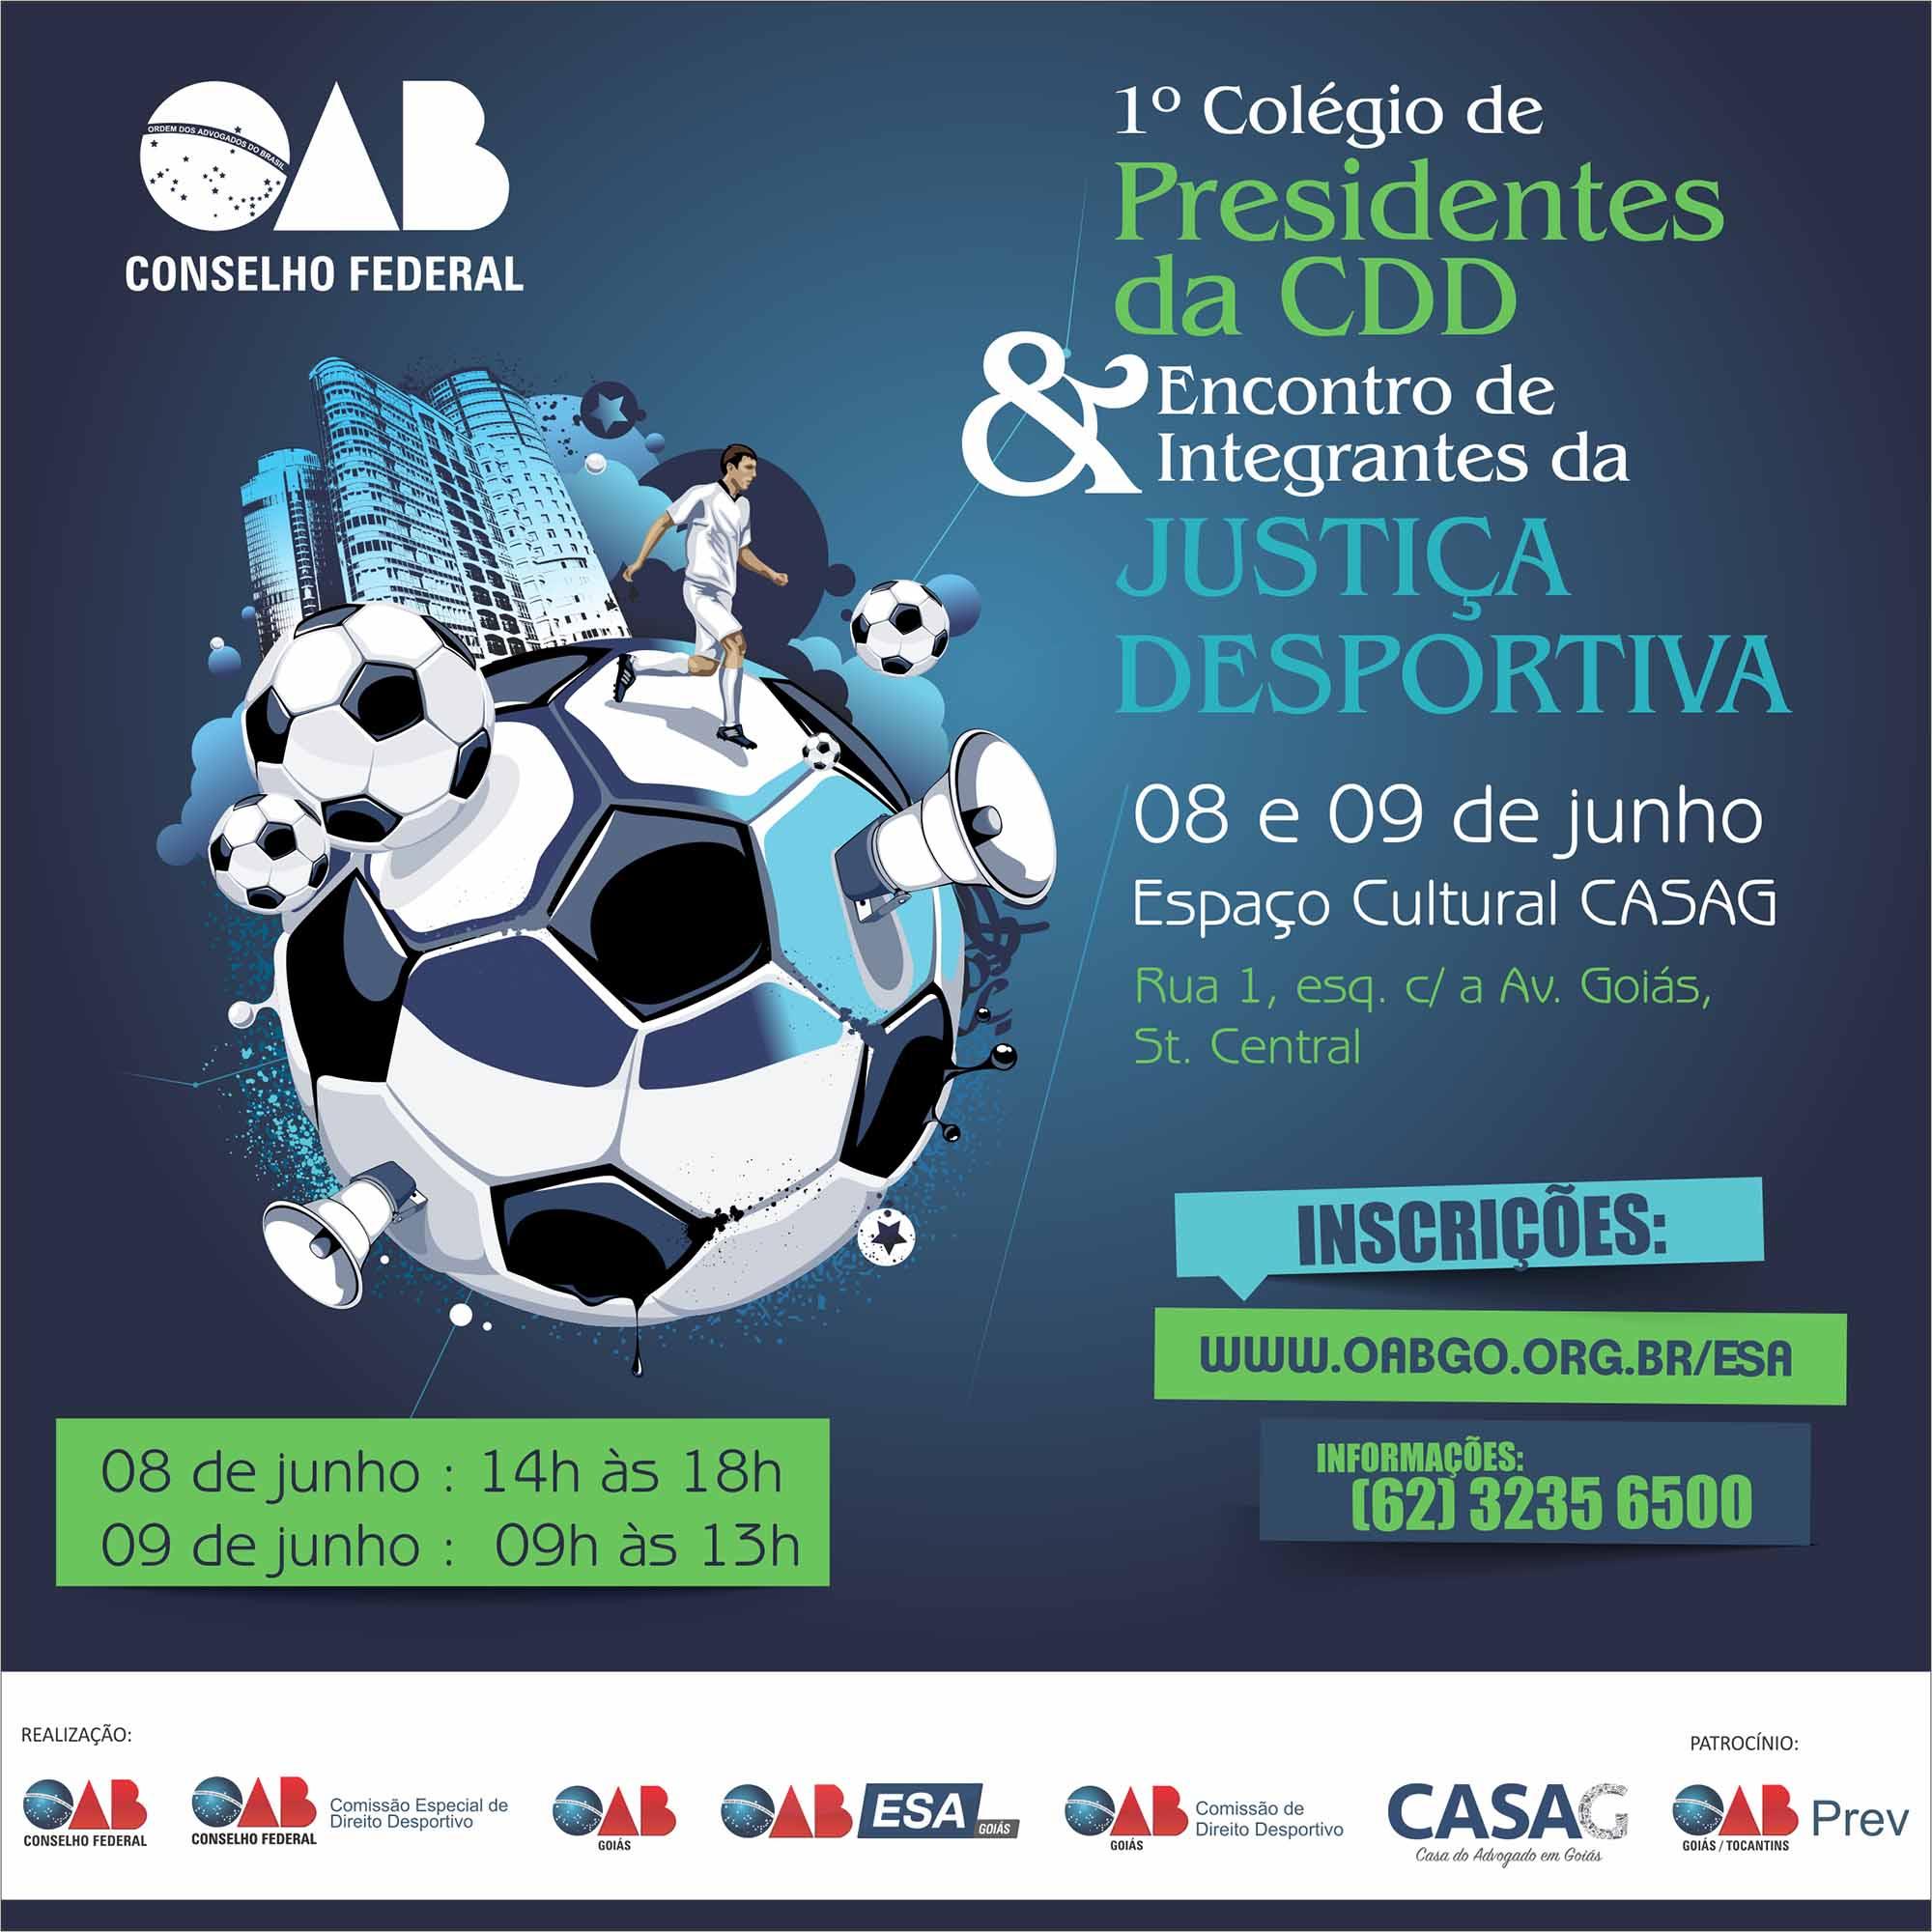 08 e 09.06 - 1º Colégio de Presidentes da CDD e Encontro de Integrantes da Justiça Desportiva